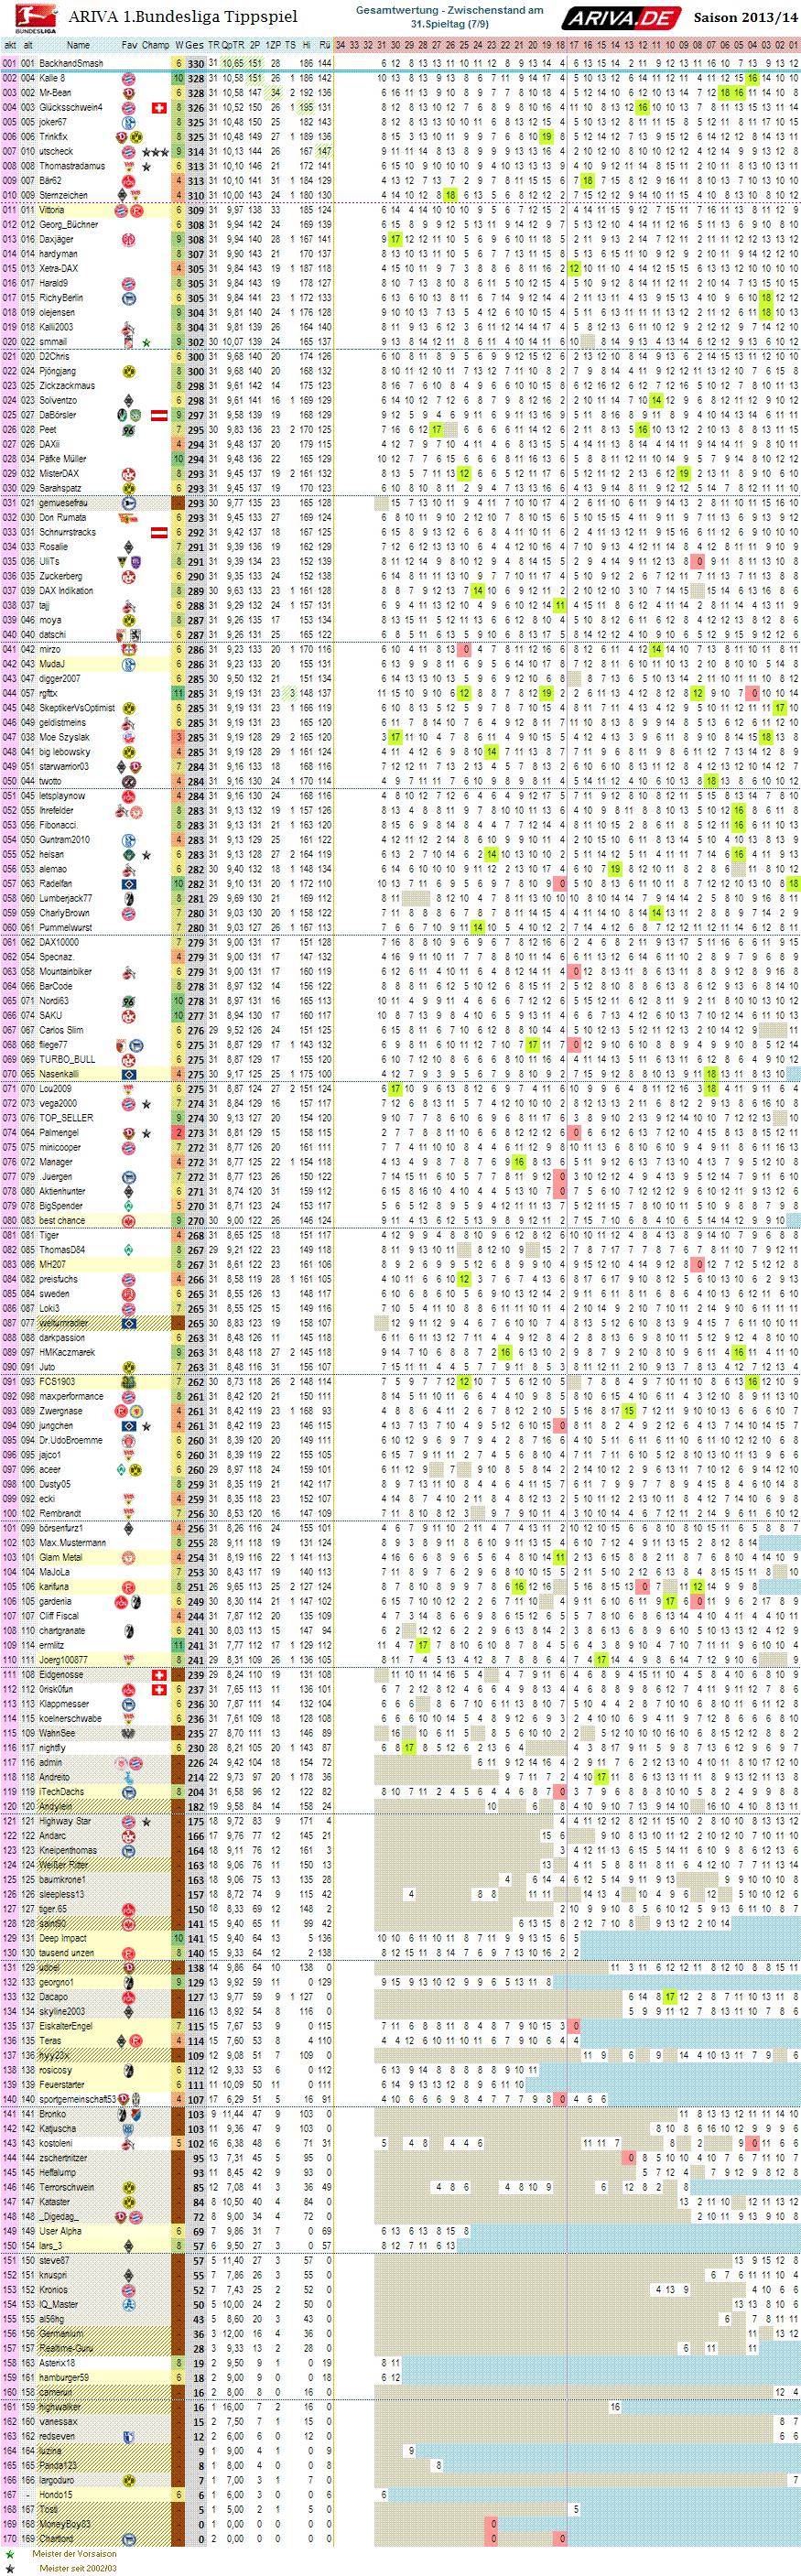 1bl_gesamtwertung_31.png